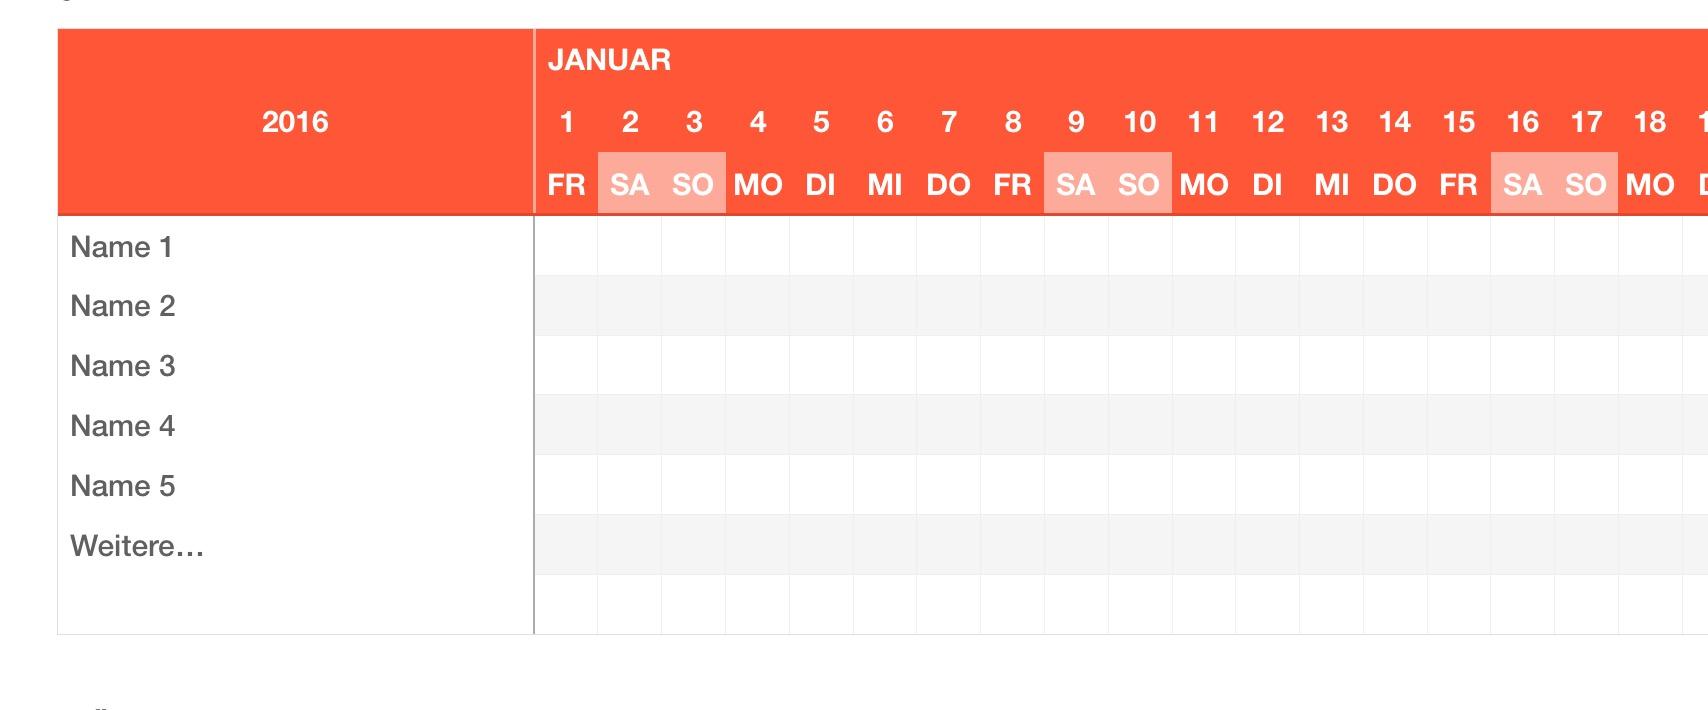 Numbers Vorlage Urlaubsplaner 2016 | Numbersvorlagen.de